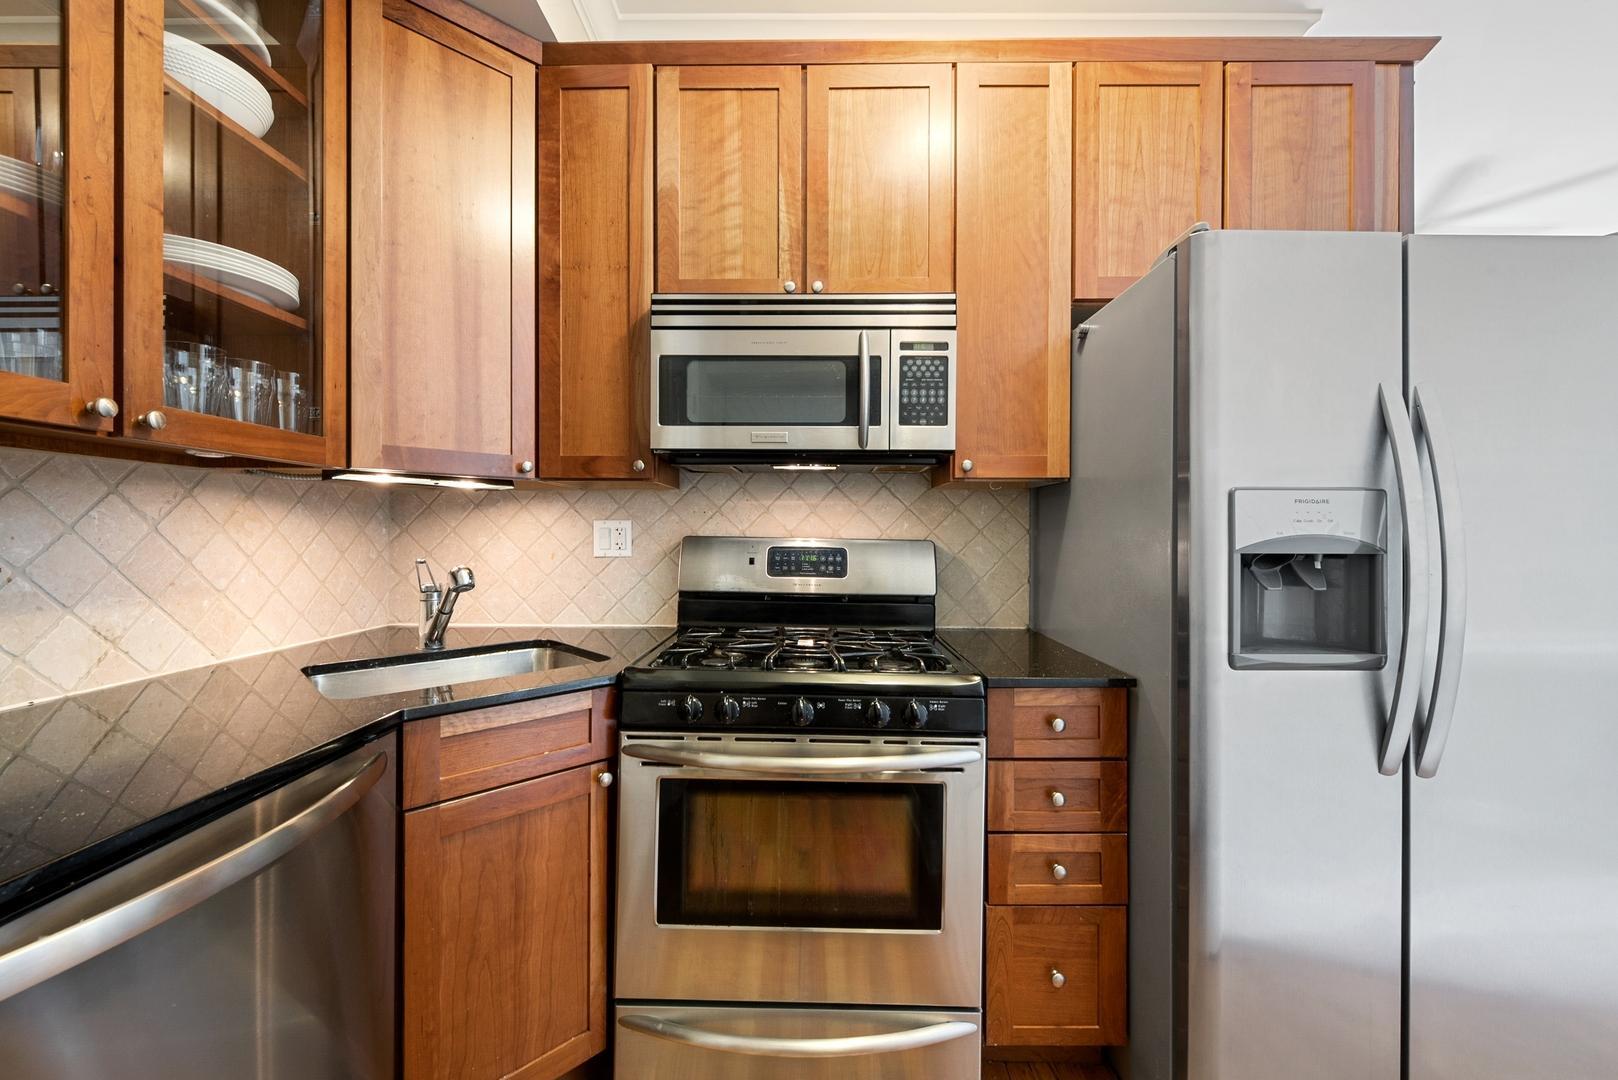 625.5 W Arlington  Place, Unit 3N photo